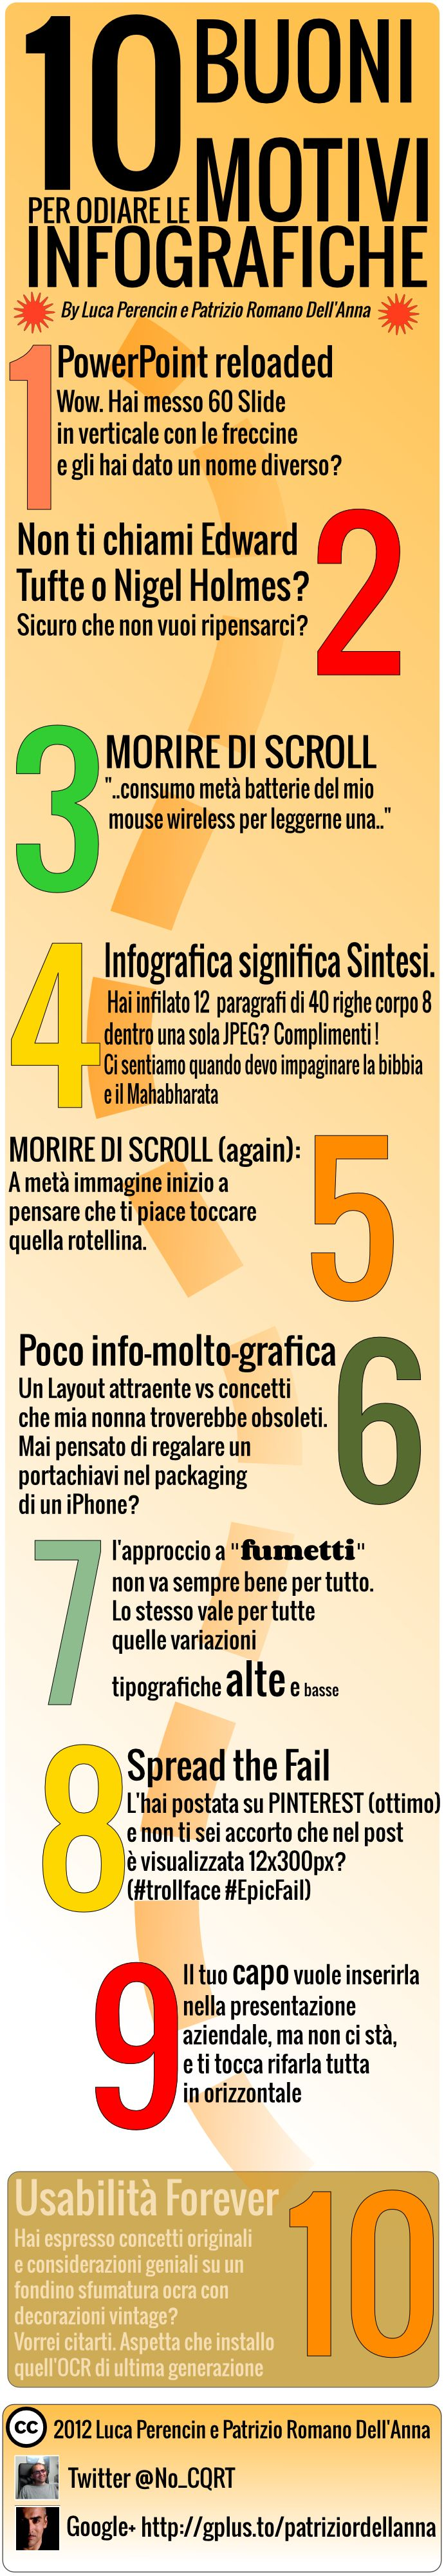 10 buoni motivi per odiare le infografiche  (in una comoda infografica)  a cura di @Luca Perencin & @Patrizio Romano Dell'Anna